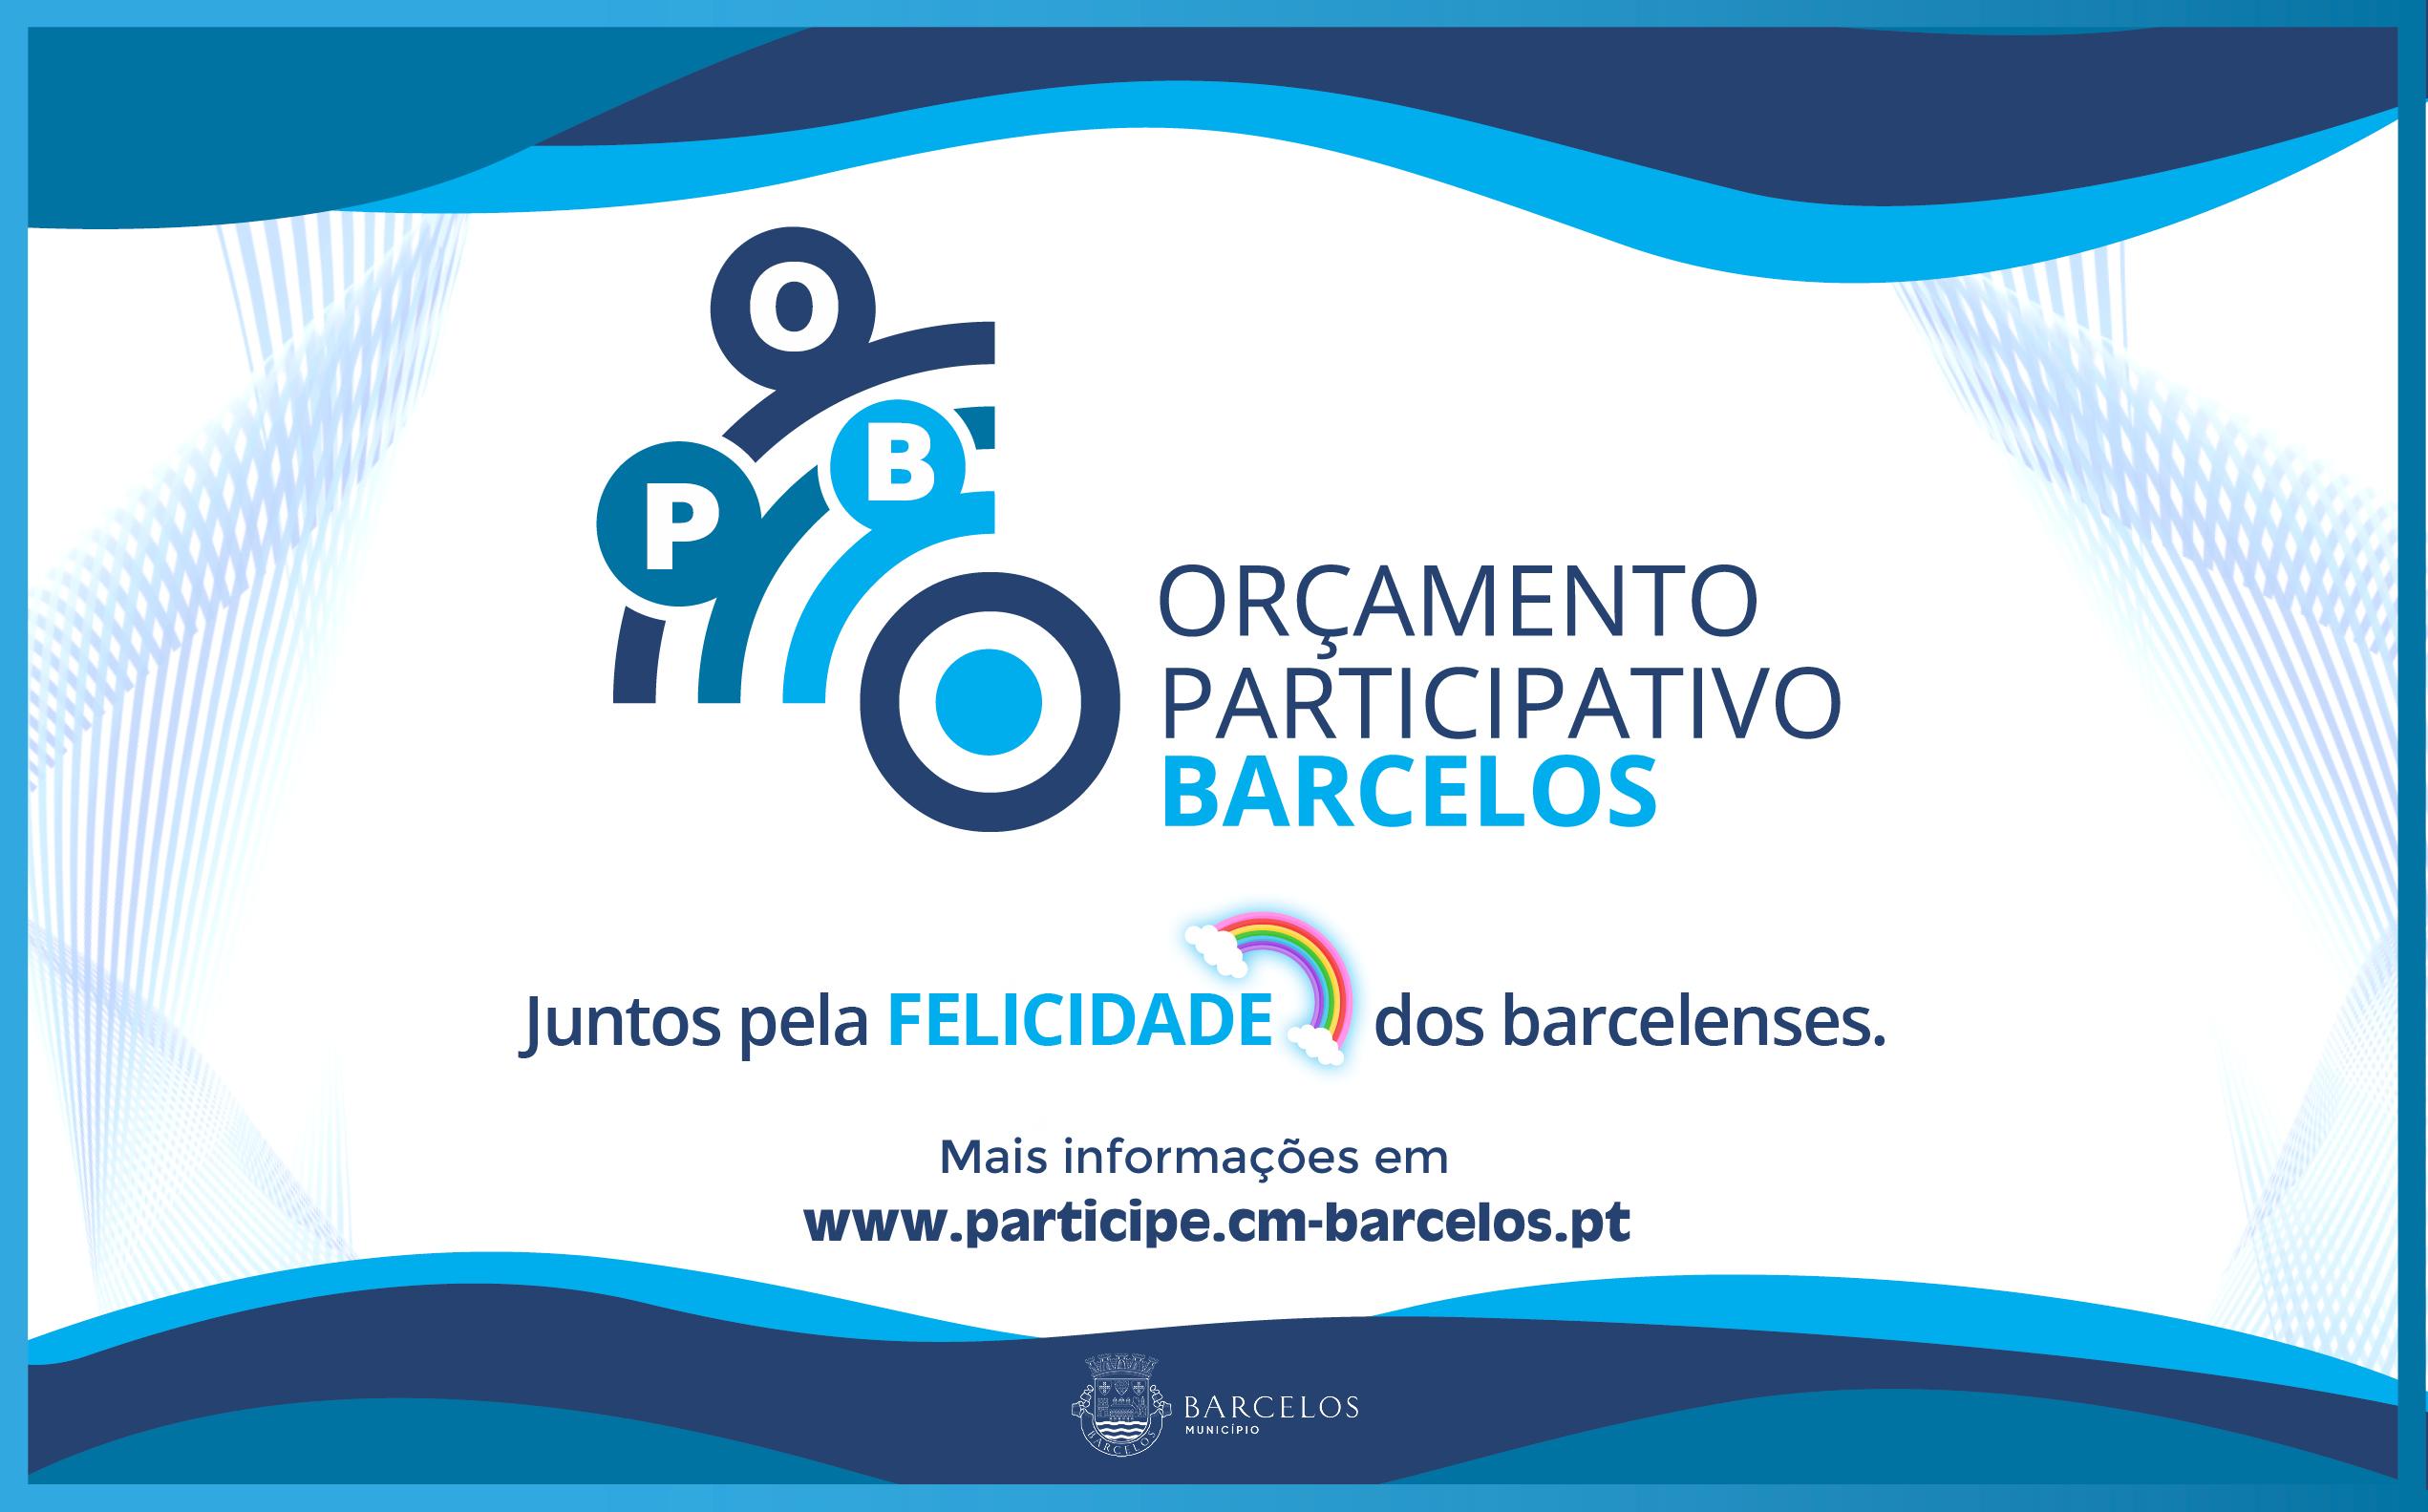 Apurados os projetos vencedores da segunda edição do Orçamento Participativo de Barcelos